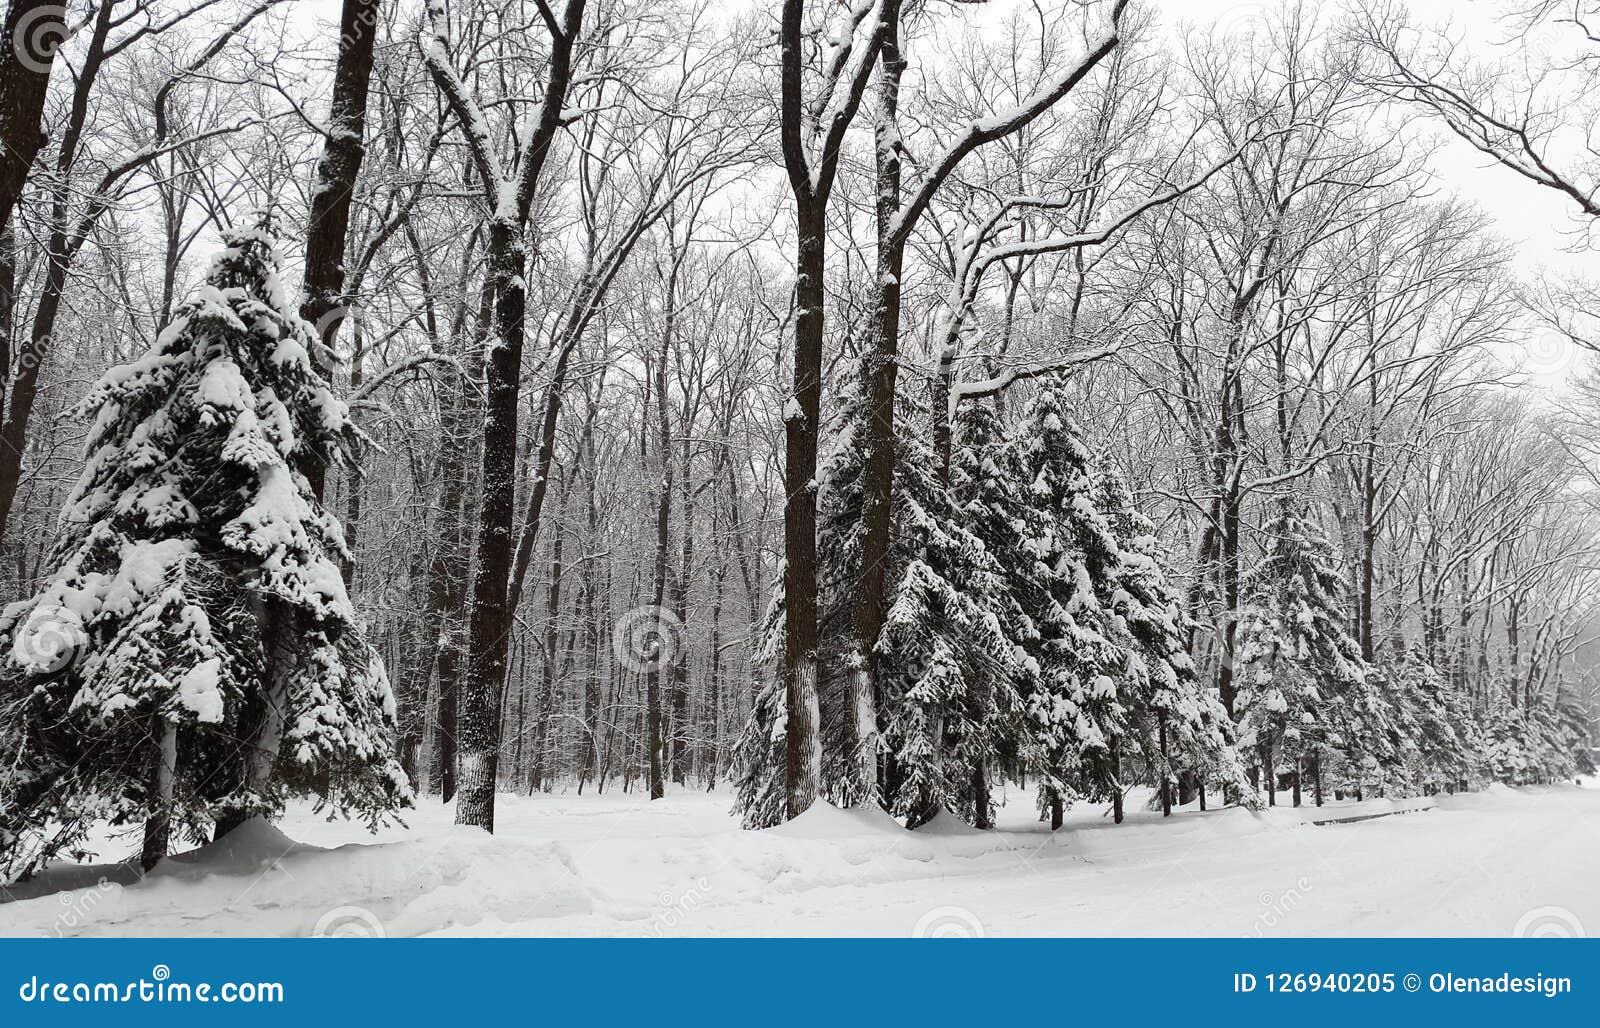 Schnee auf Fichten im Park - Winter